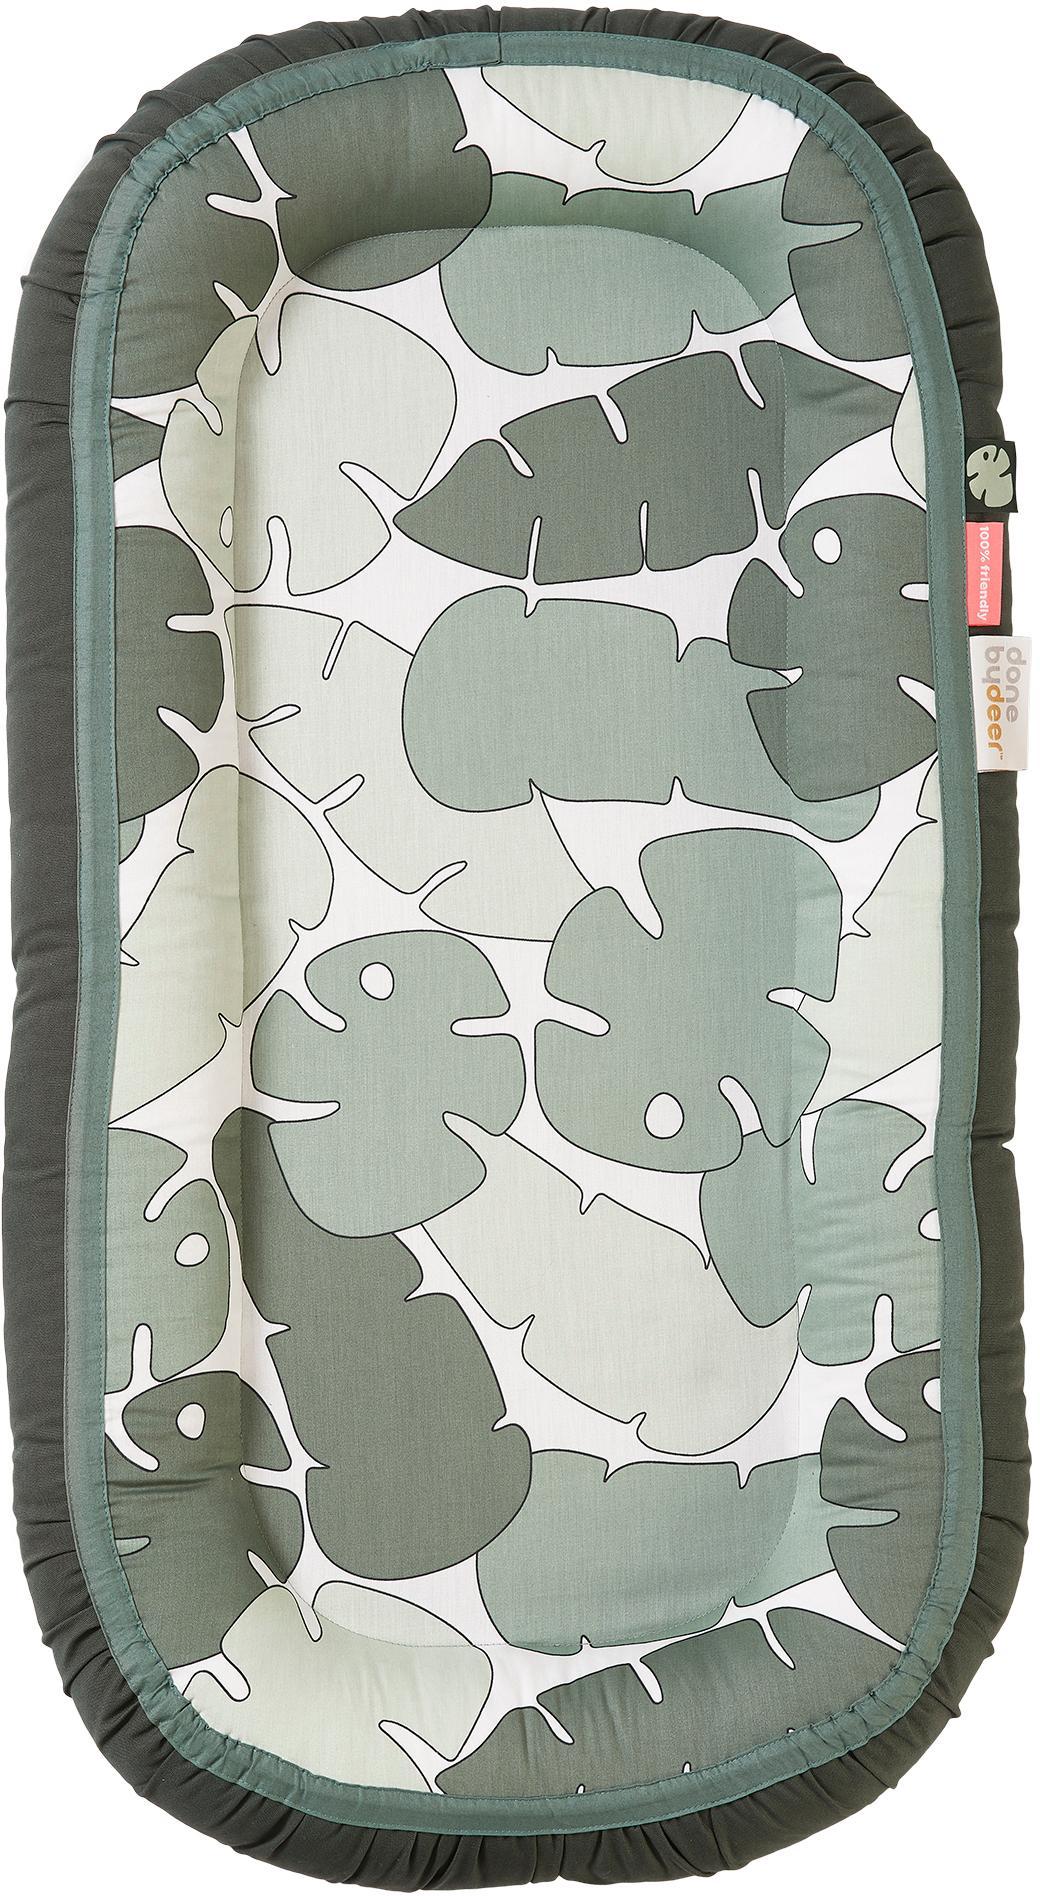 Gniazdo niemowlęce Tropics, Tapicerka: 100% bawełna, certyfikat , Zielony, S 50 x D 93 cm